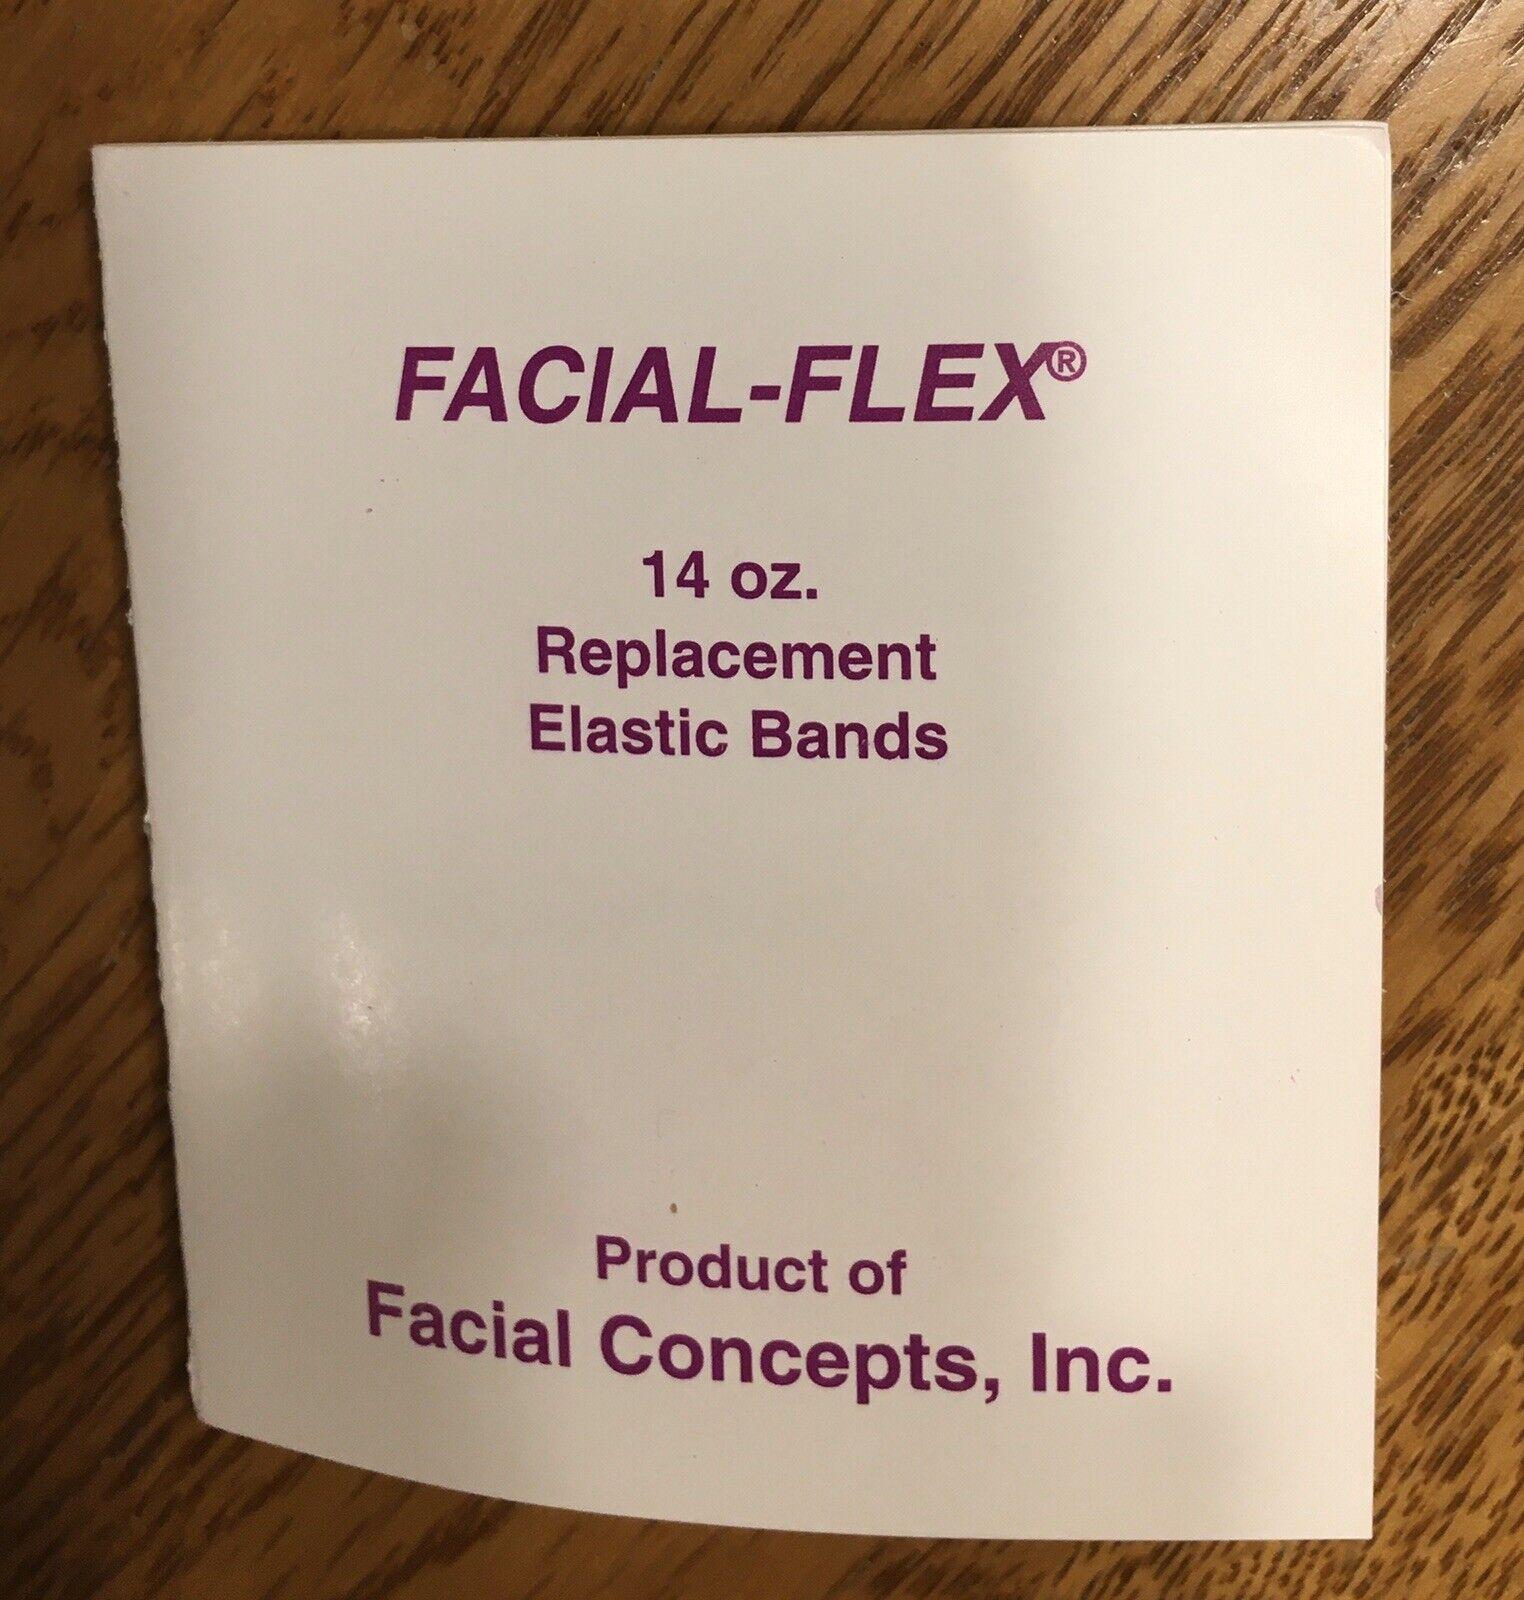 Remplacement Bands-Pack de 20 Facial Flex Bandes Résistance 14 oz environ 396.89 g